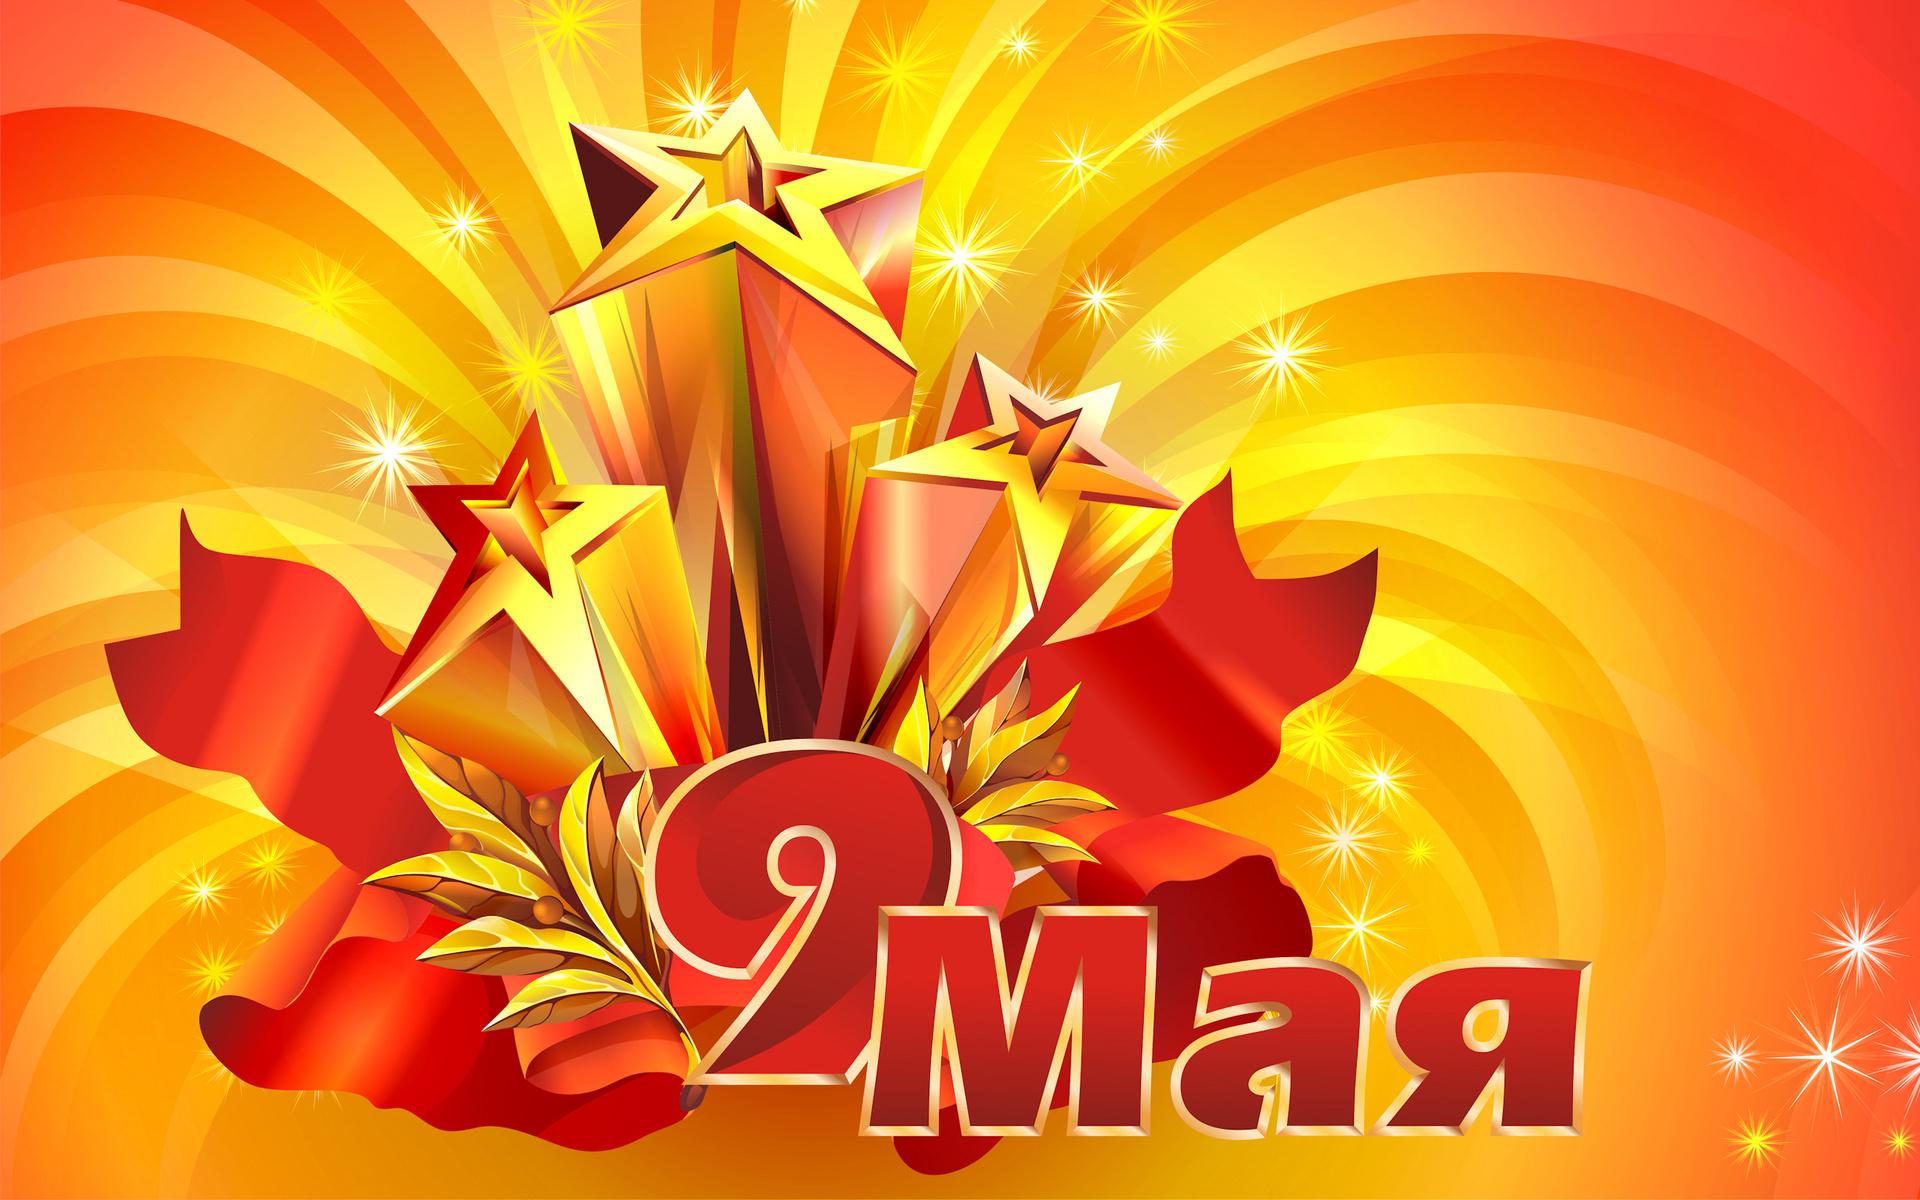 Картинка 9 мая день победы » 9 мая » праздники » картинки 24.